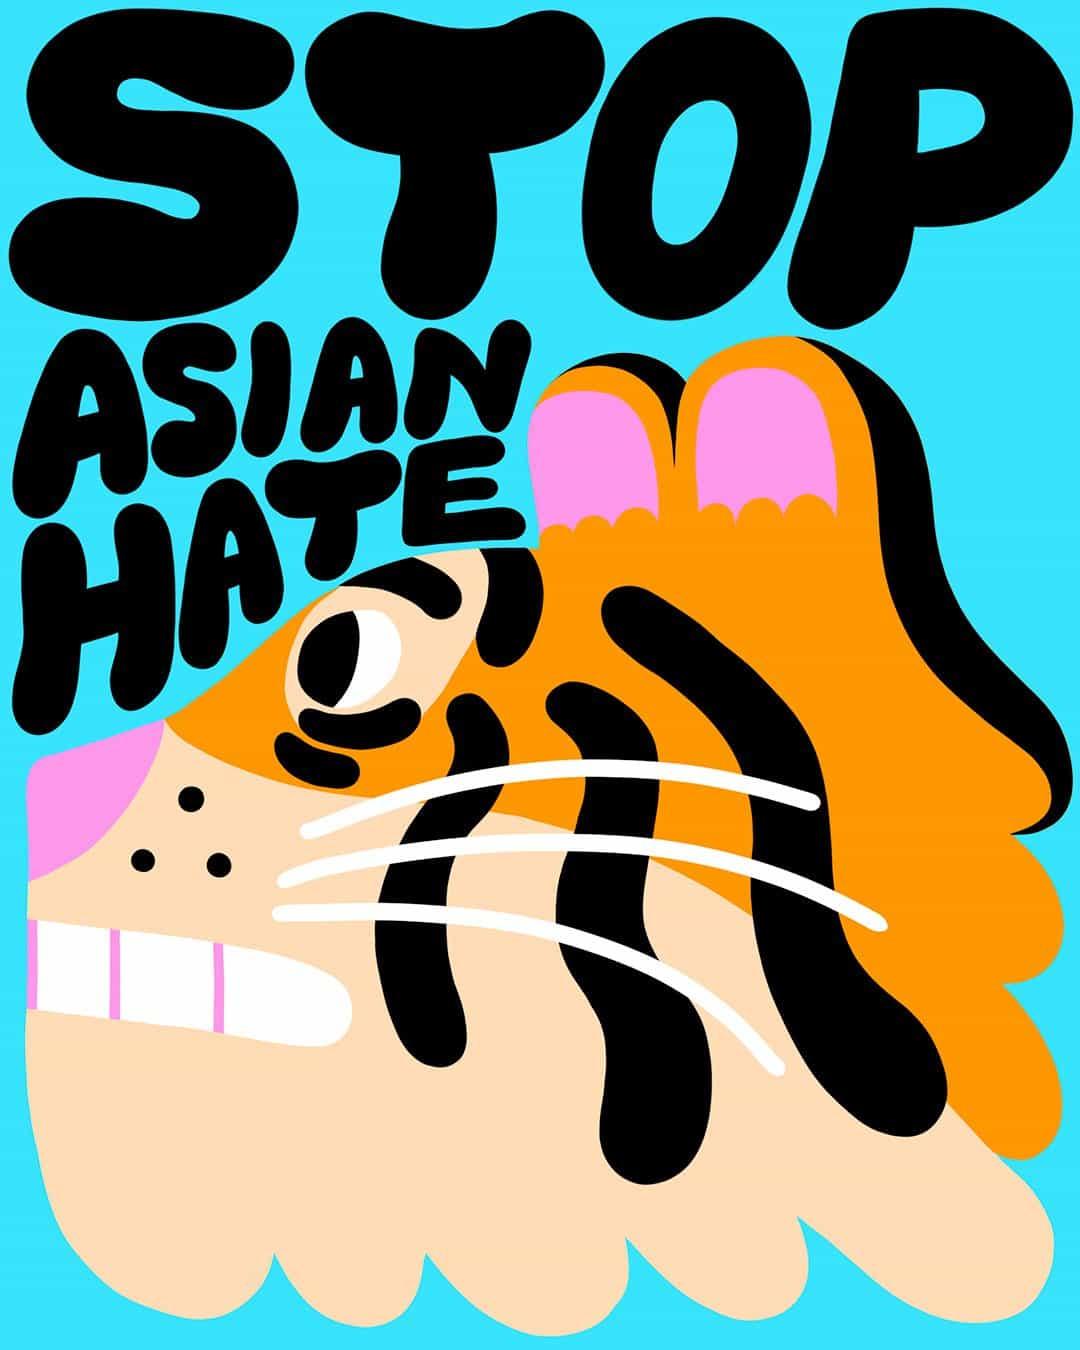 Yuk Fun y una banda de ilustradores están recaudando dinero para las organizaciones benéficas Stop Asian Hate